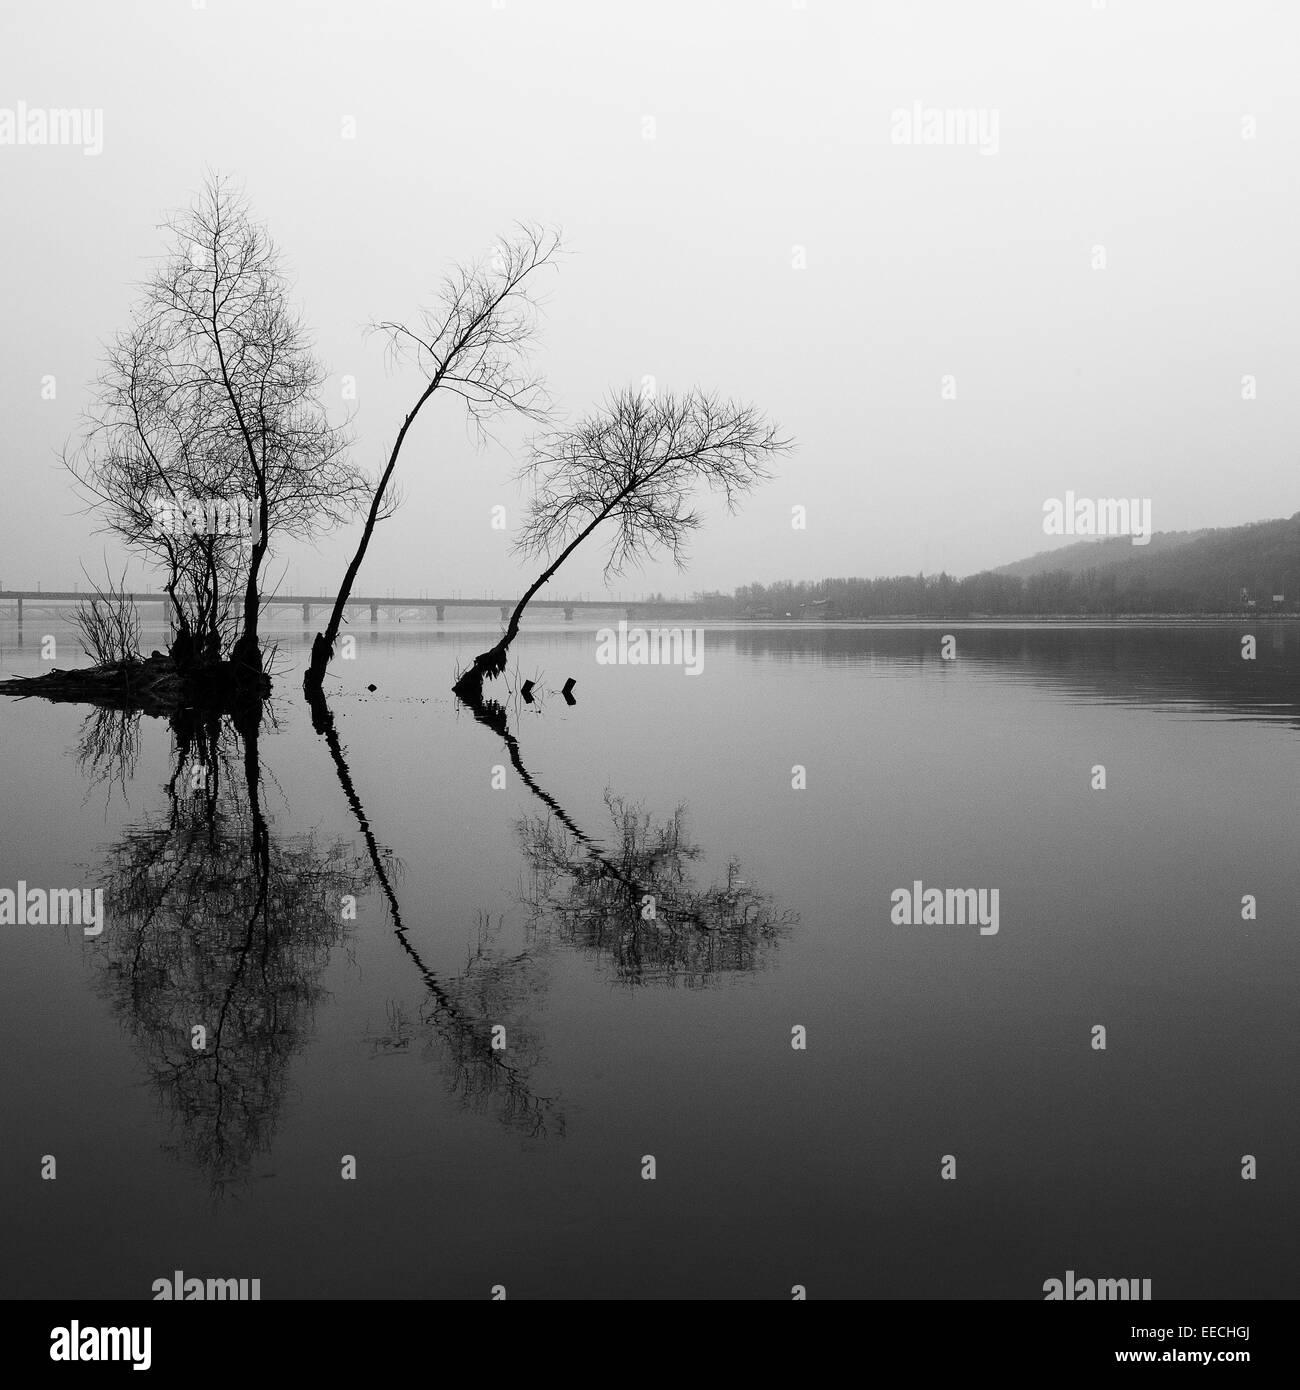 Landschaften, schwarz, Reflexion, weiße, gespiegelt, Wasser, Natur, Muster, Baum, Pflanzen, See Stockbild